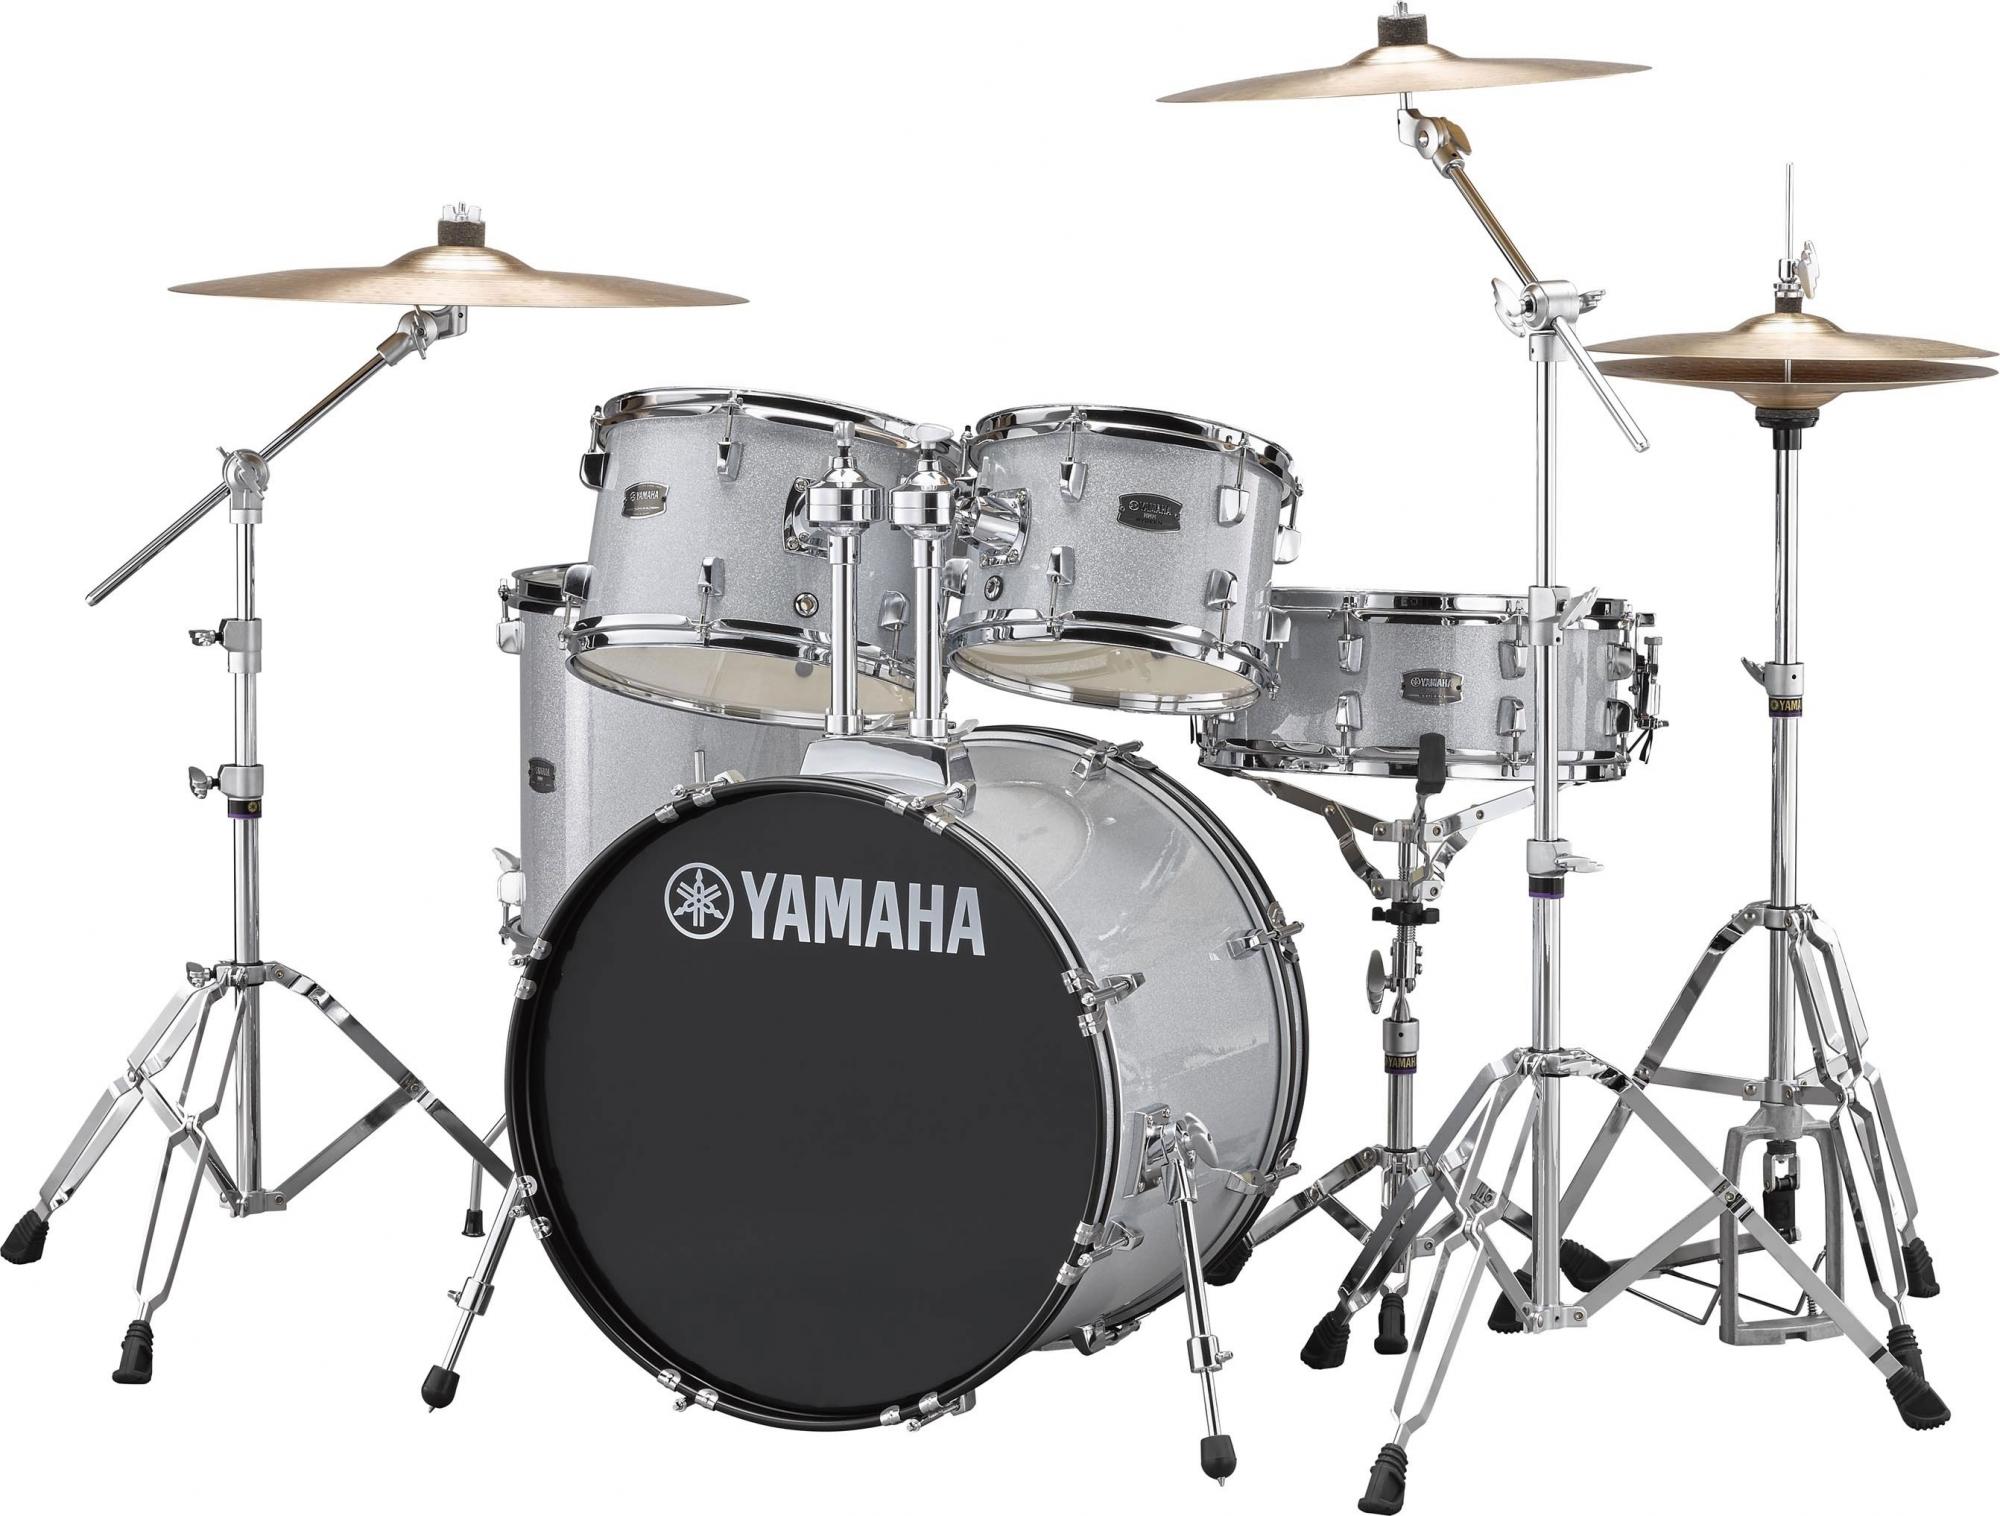 Yamaha RYDEEN Standard Trommesæt - inkl. bækkener & hardware Sliver Glitter